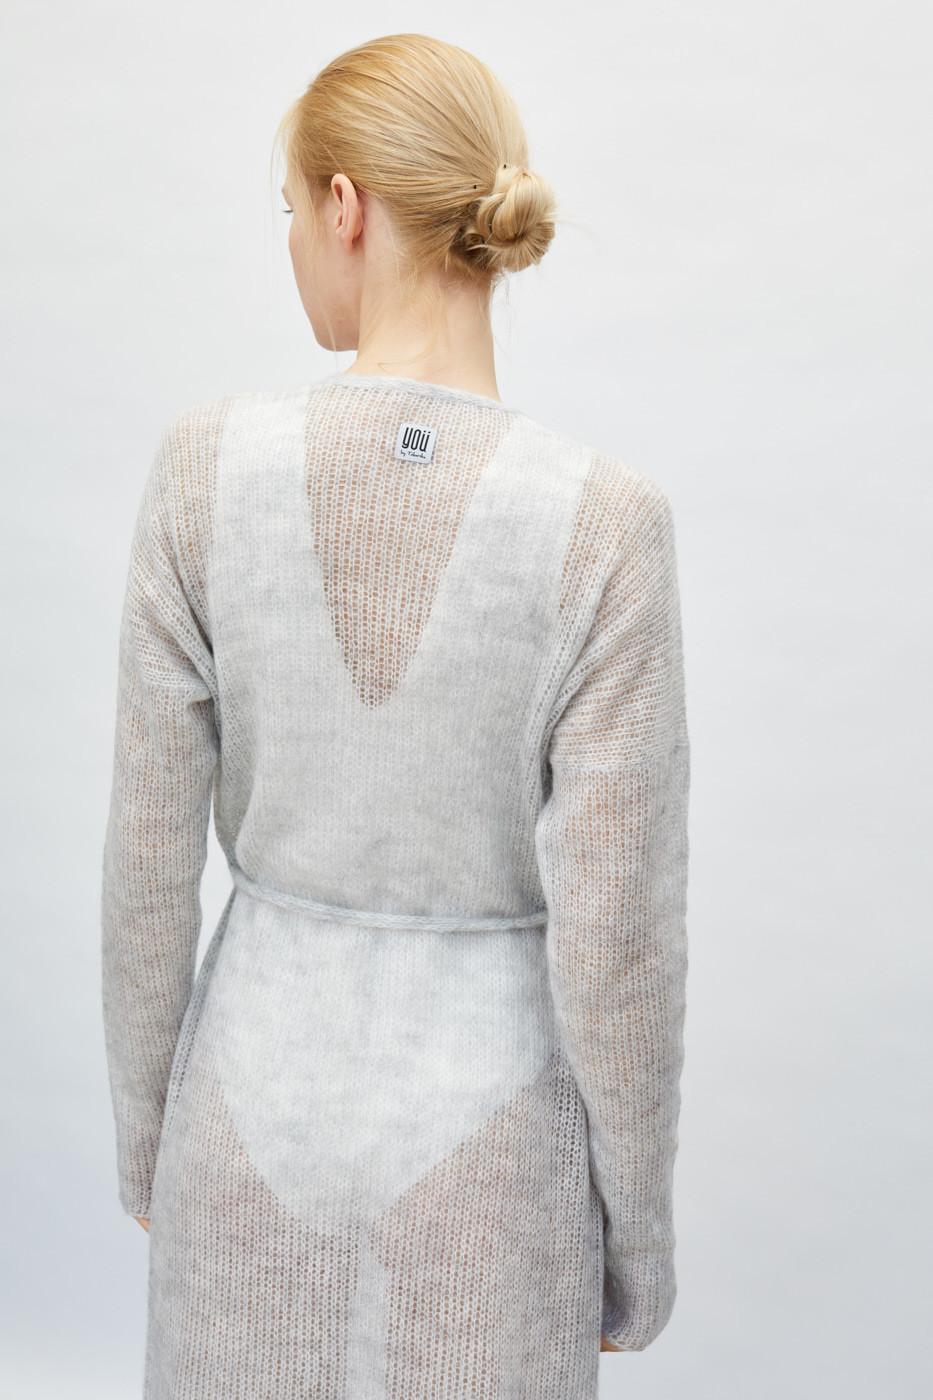 Lekki sweter mgła z paskiem długi - You by Tokarska | JestemSlow.pl